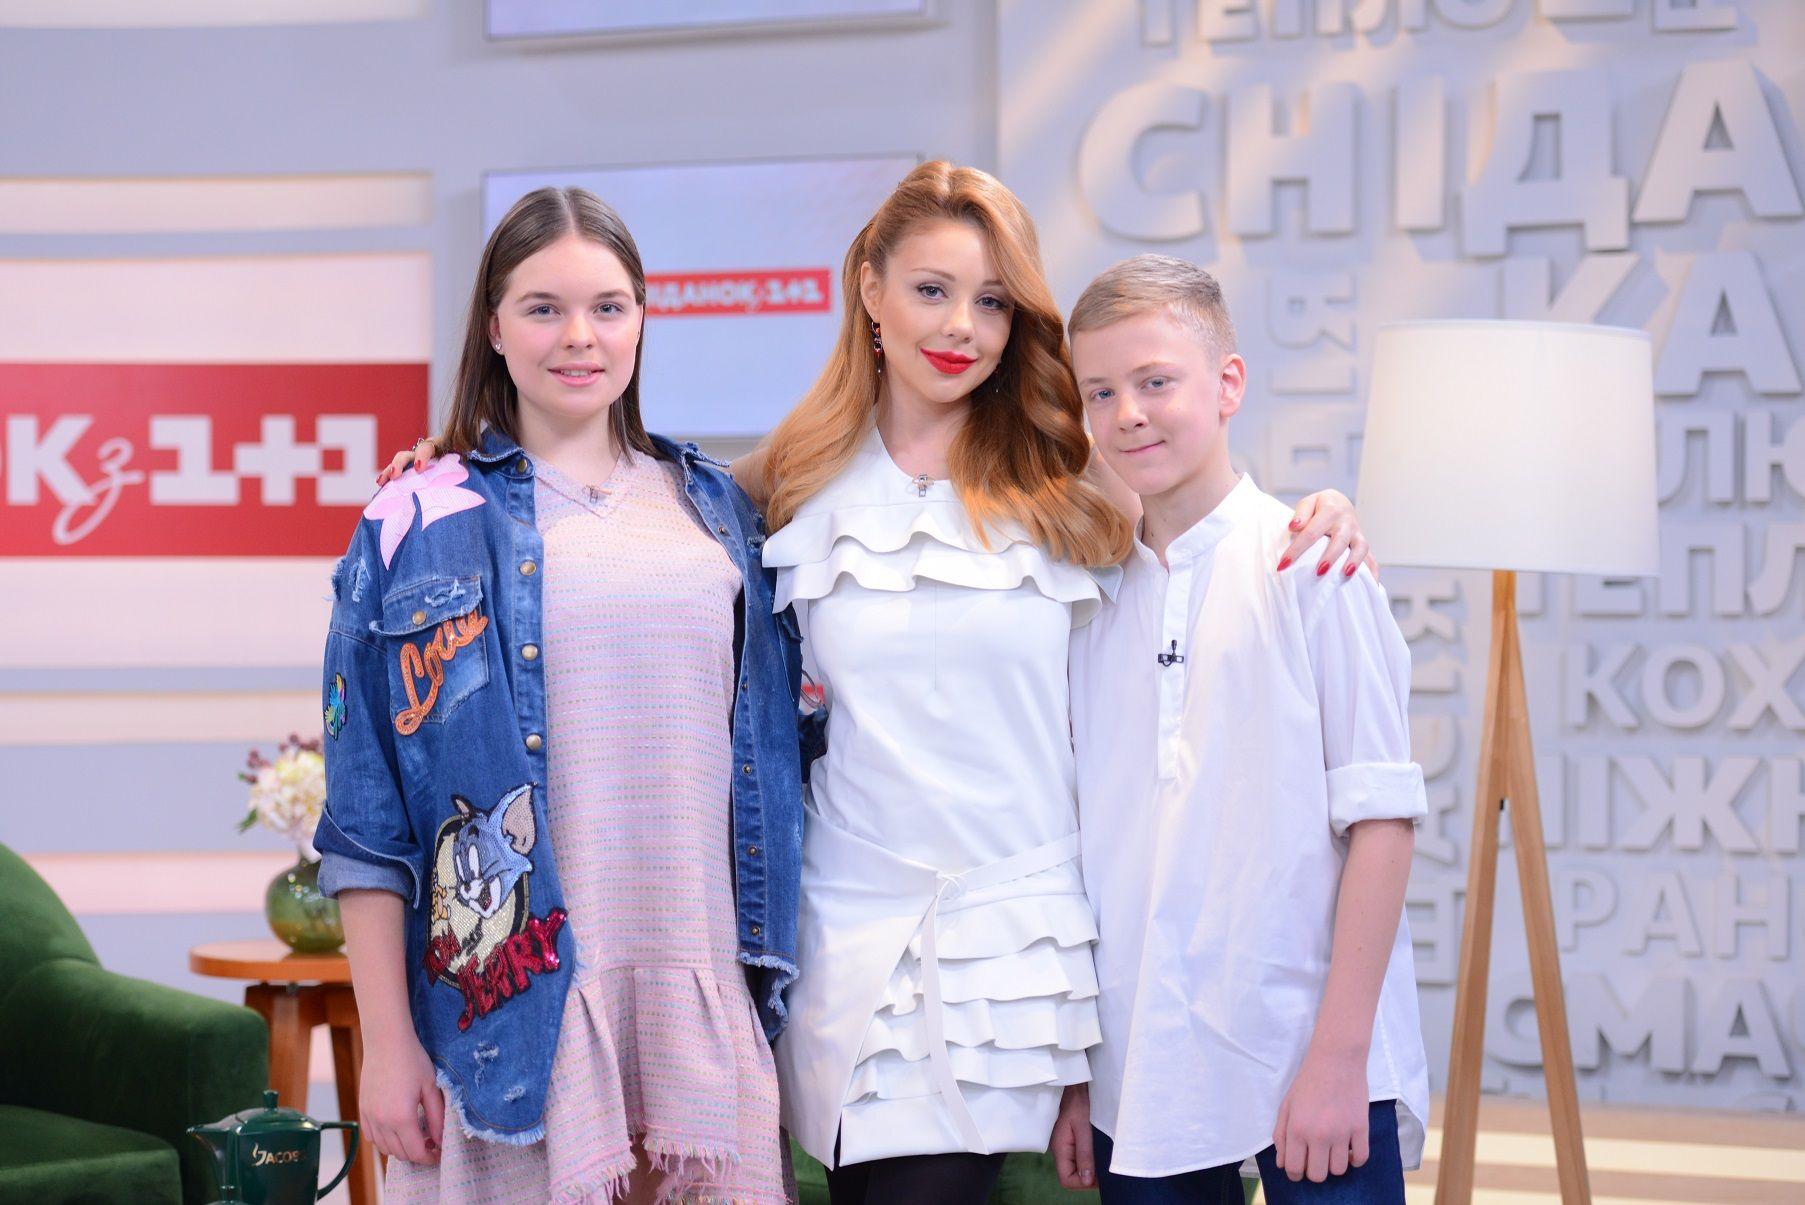 Тіна Кароль в шкіряному вбранні представила нову дитячу пісню (фото, відео)